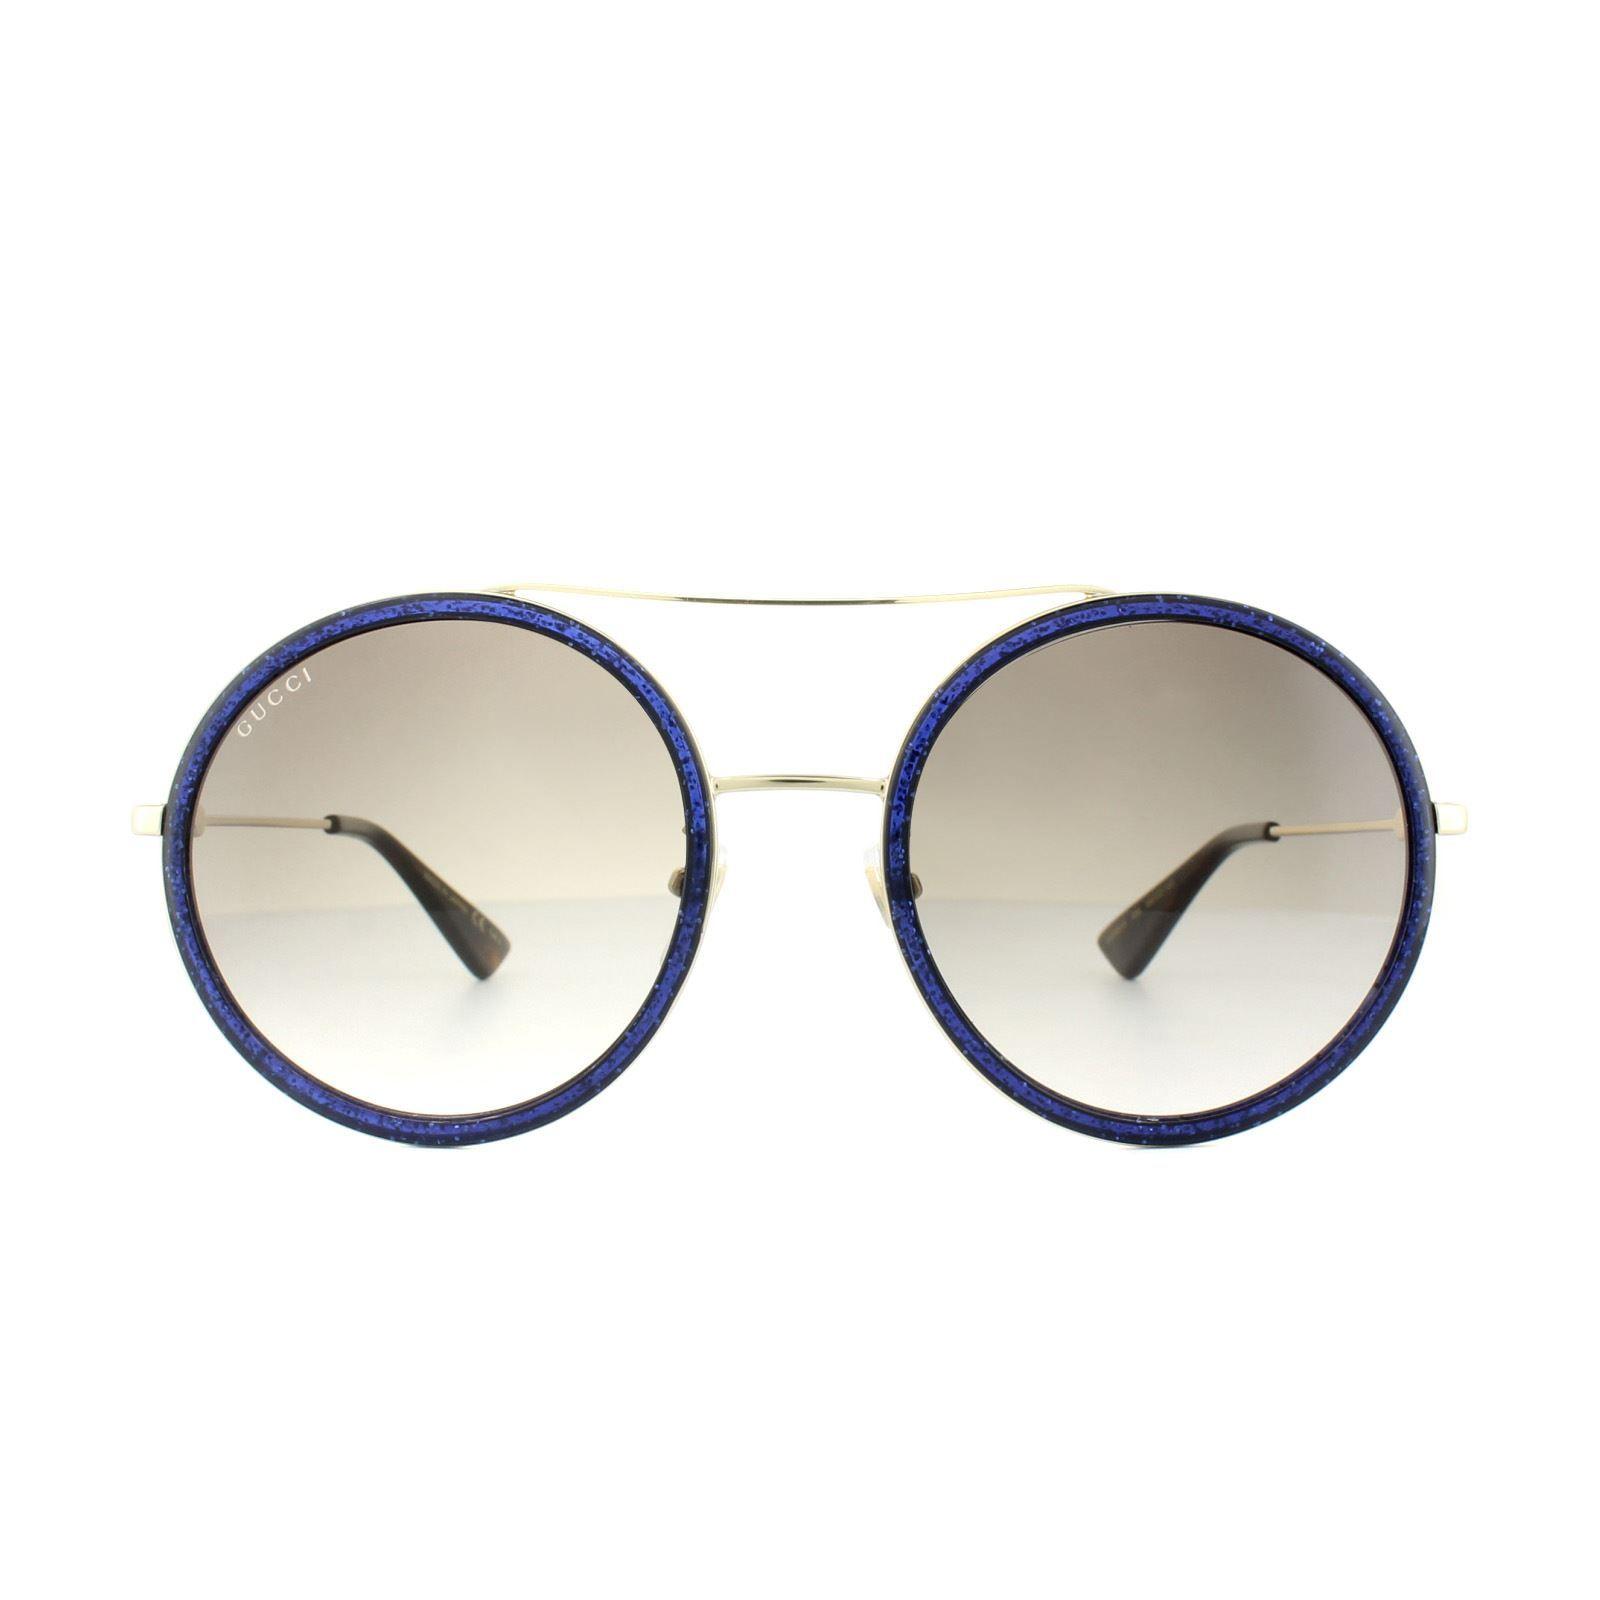 Gucci Sunglasses GG0061S 005 Glitter Blue Brown Gradient